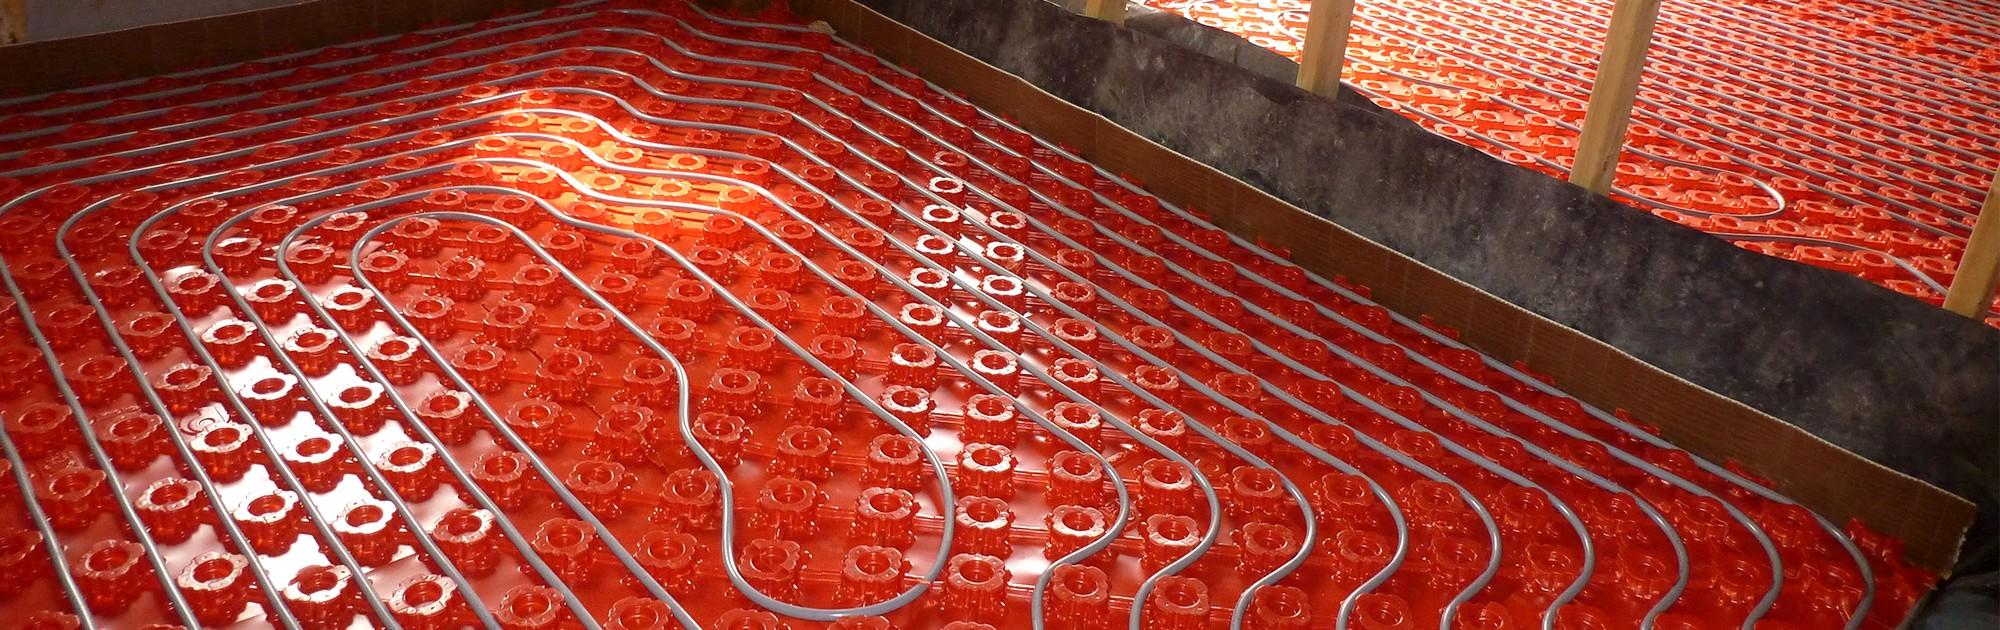 Underfloor heating premier heating for Floor banner